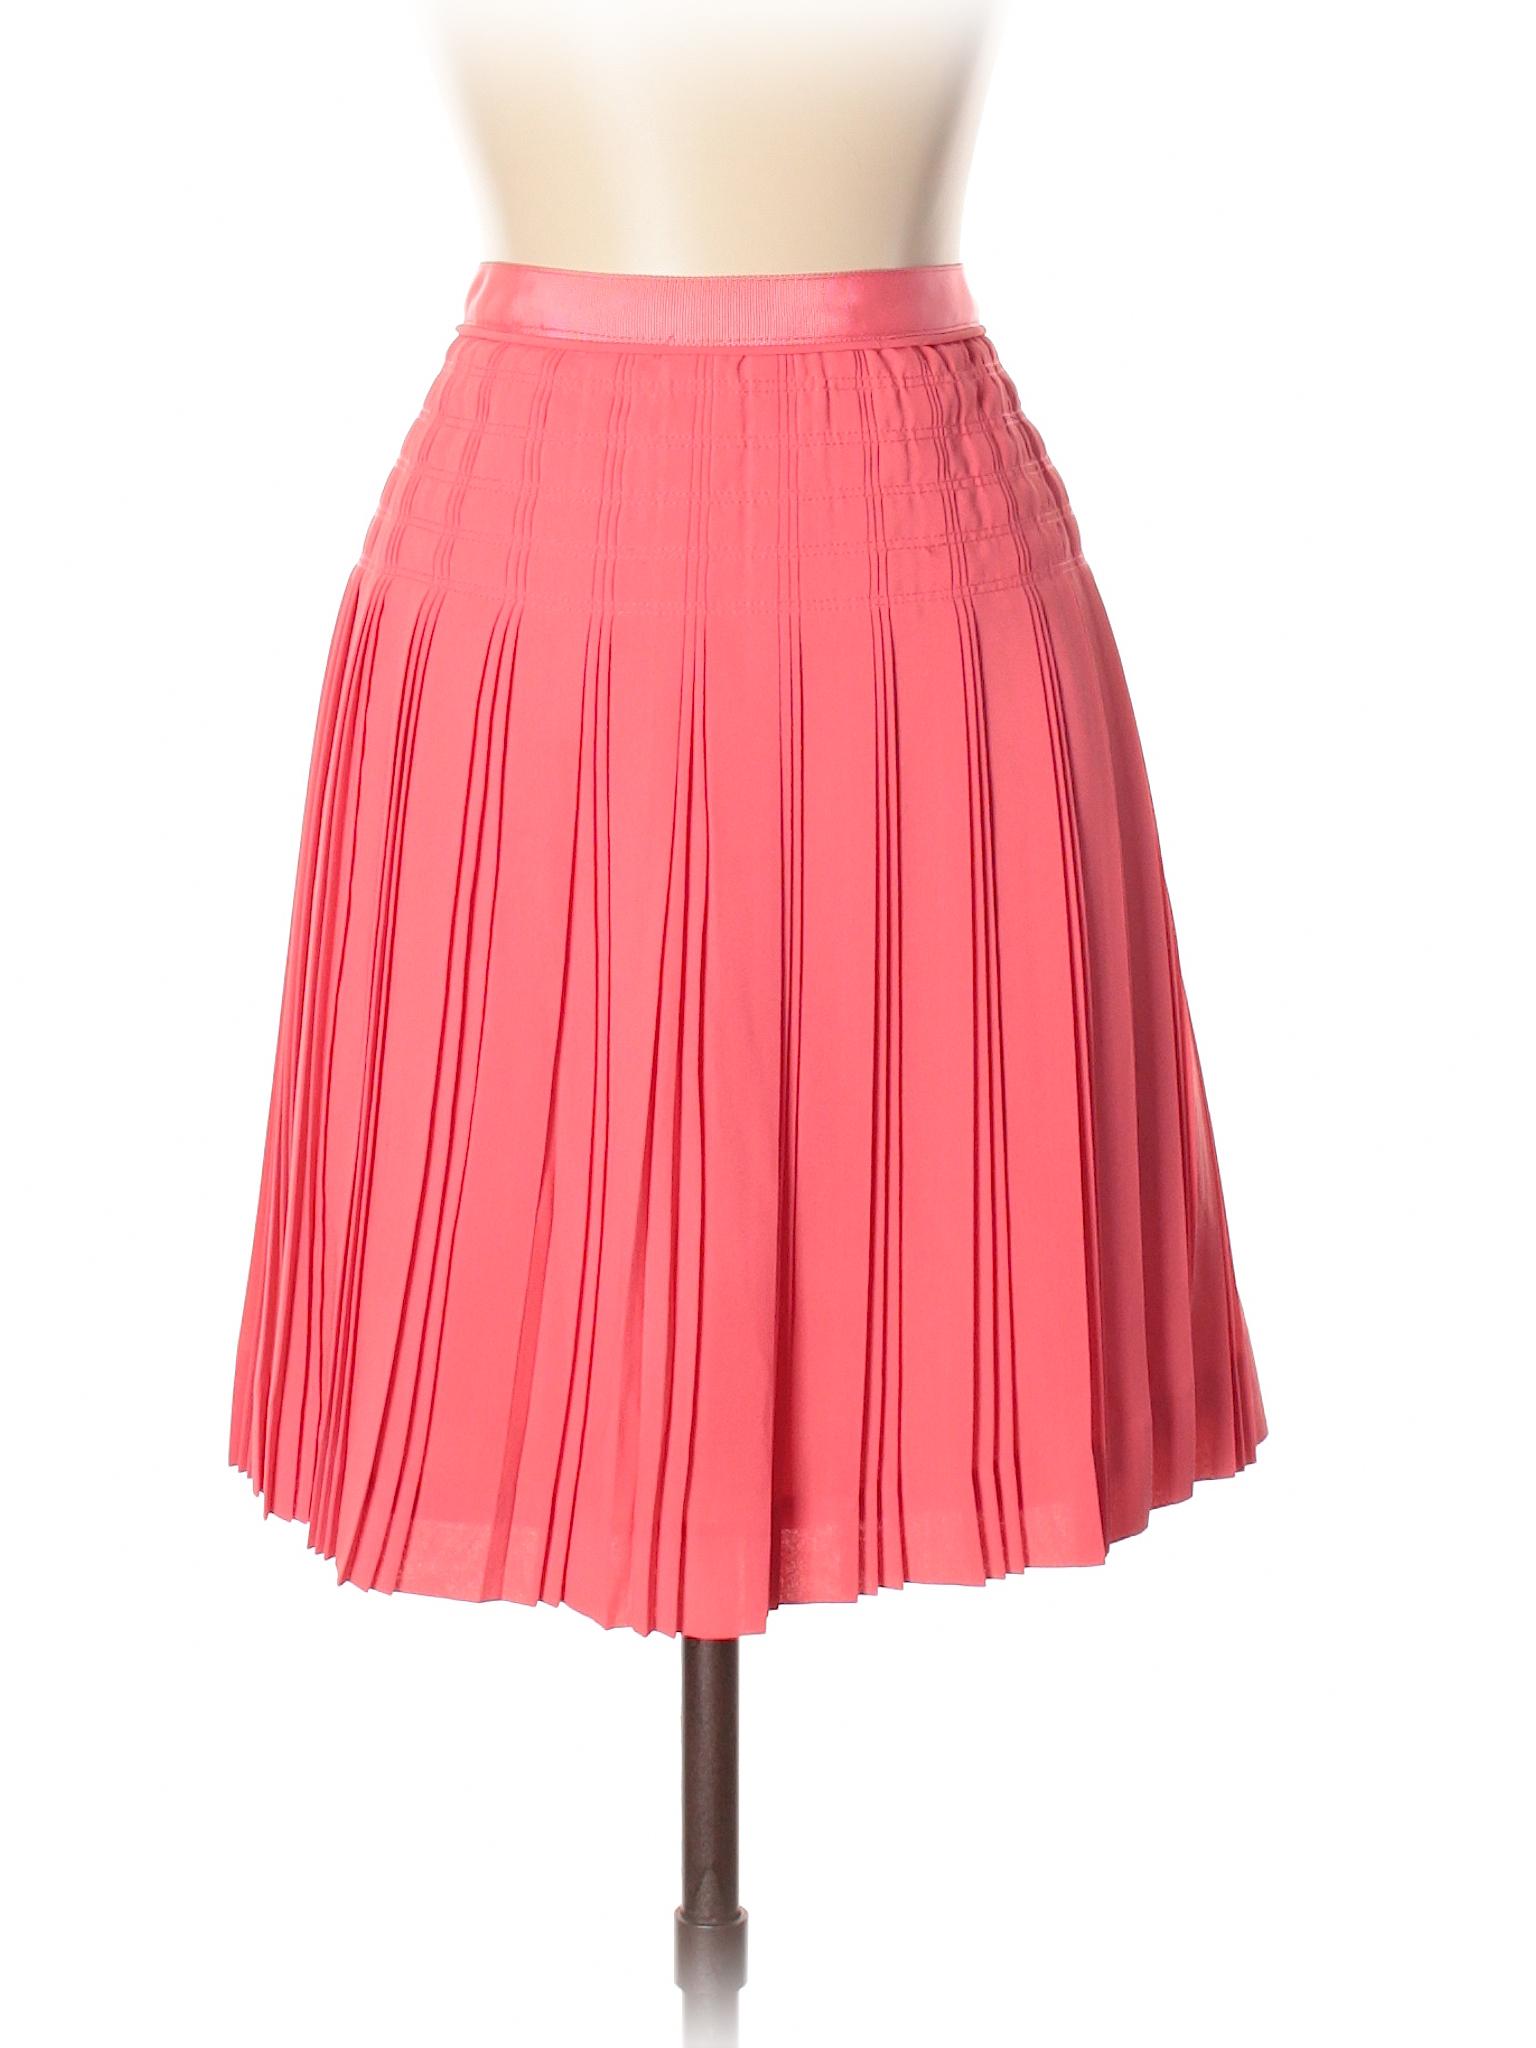 Boutique Casual Skirt Skirt Boutique Casual Boutique qTv8wxwOg